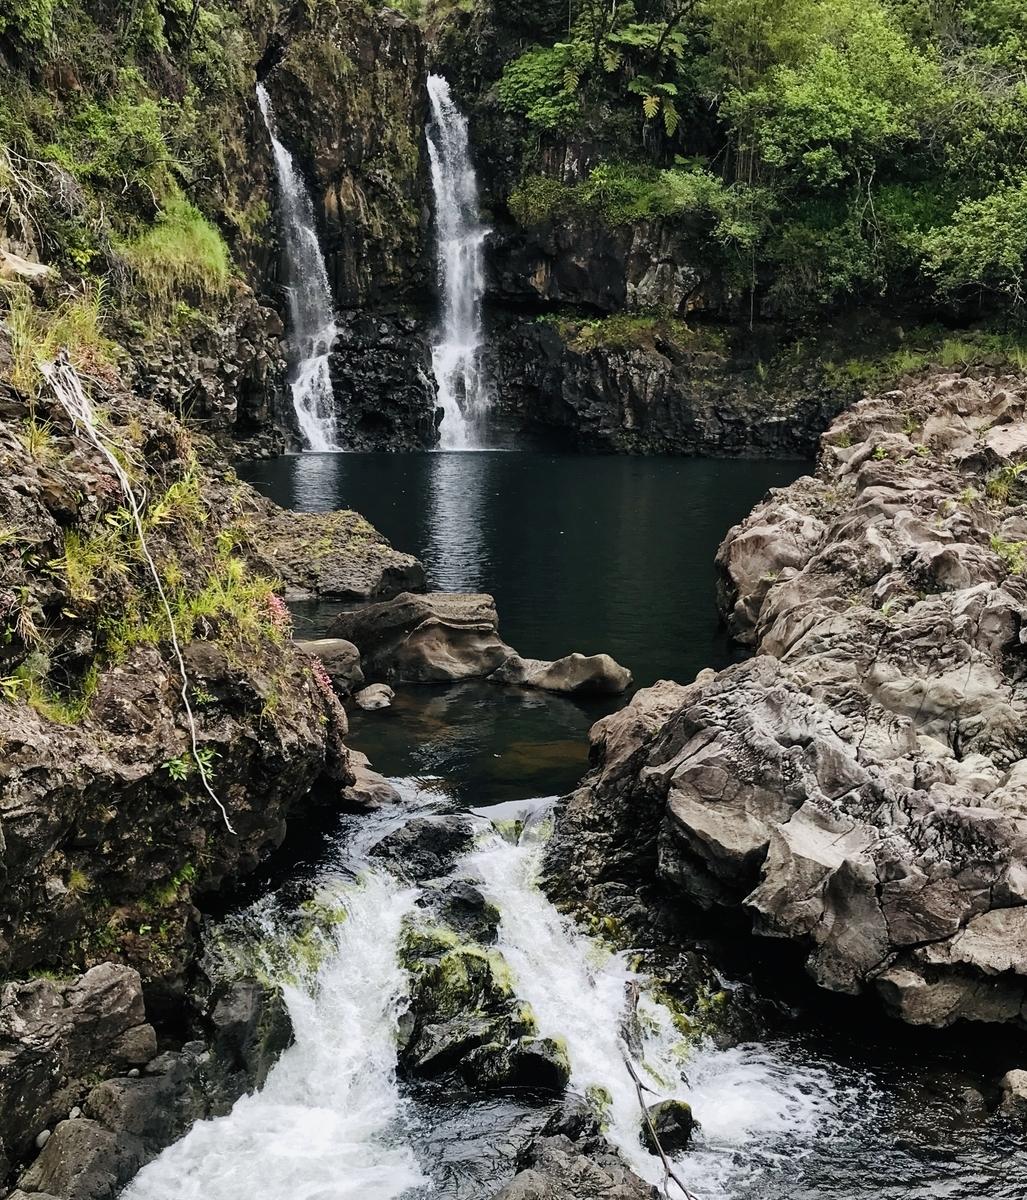 f:id:KonaHawaii:20200518075226j:plain